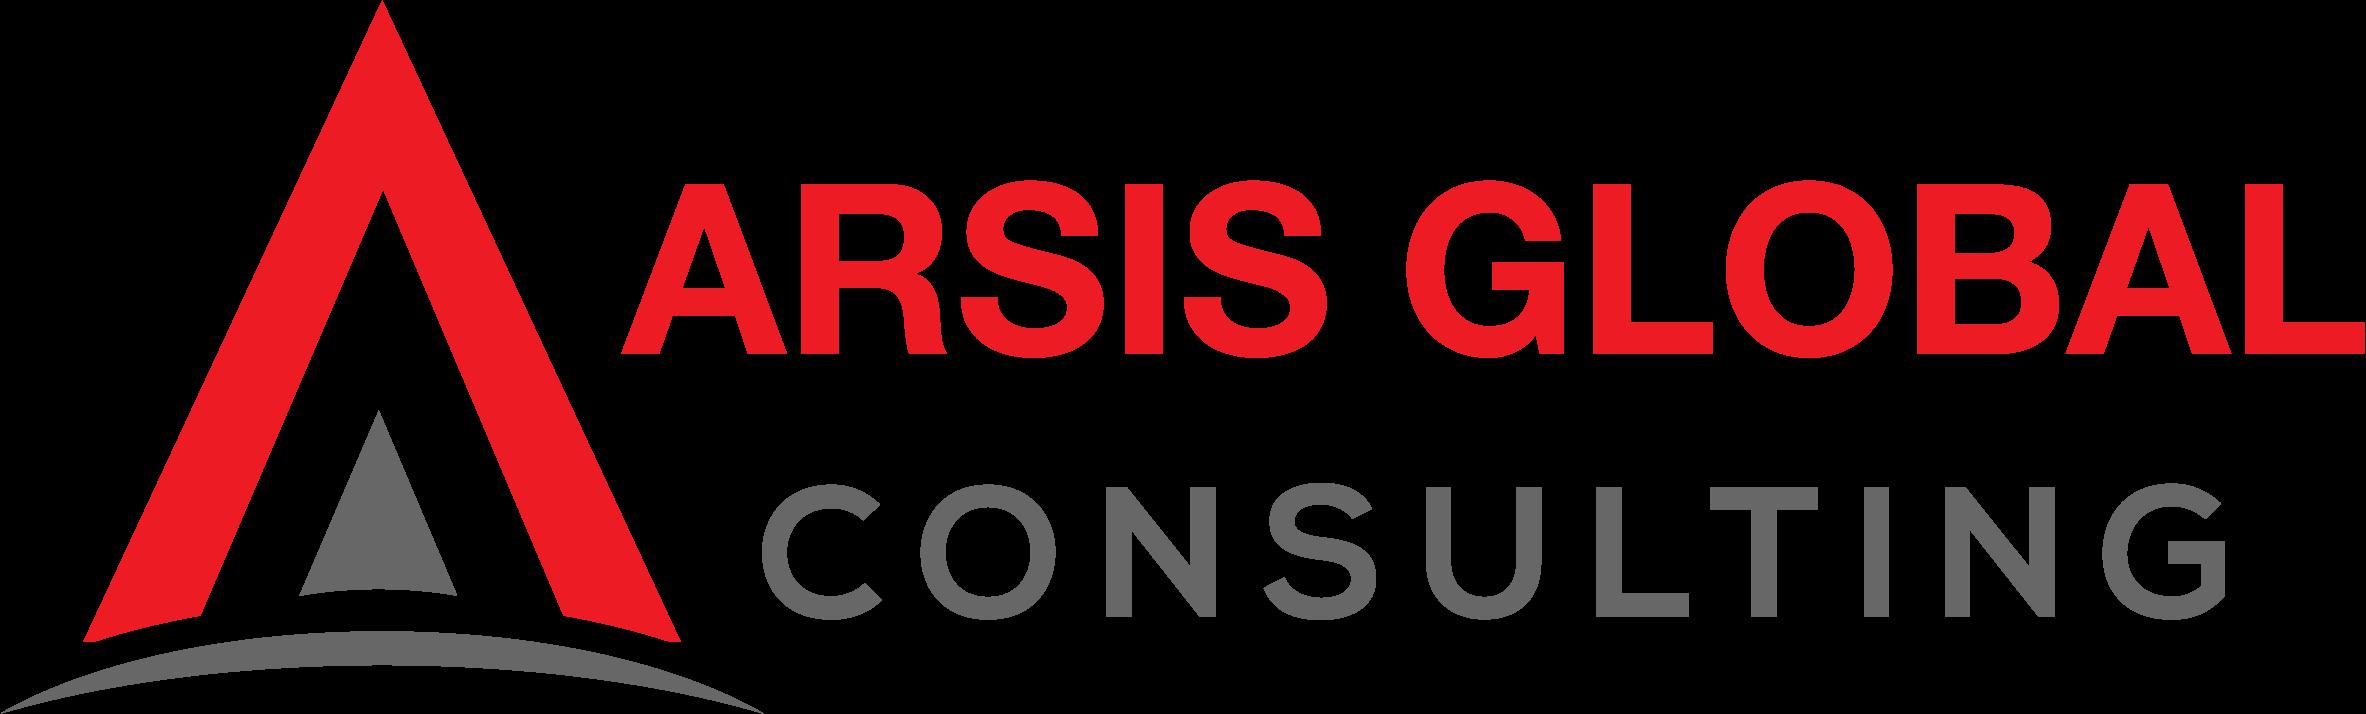 Arsis Global